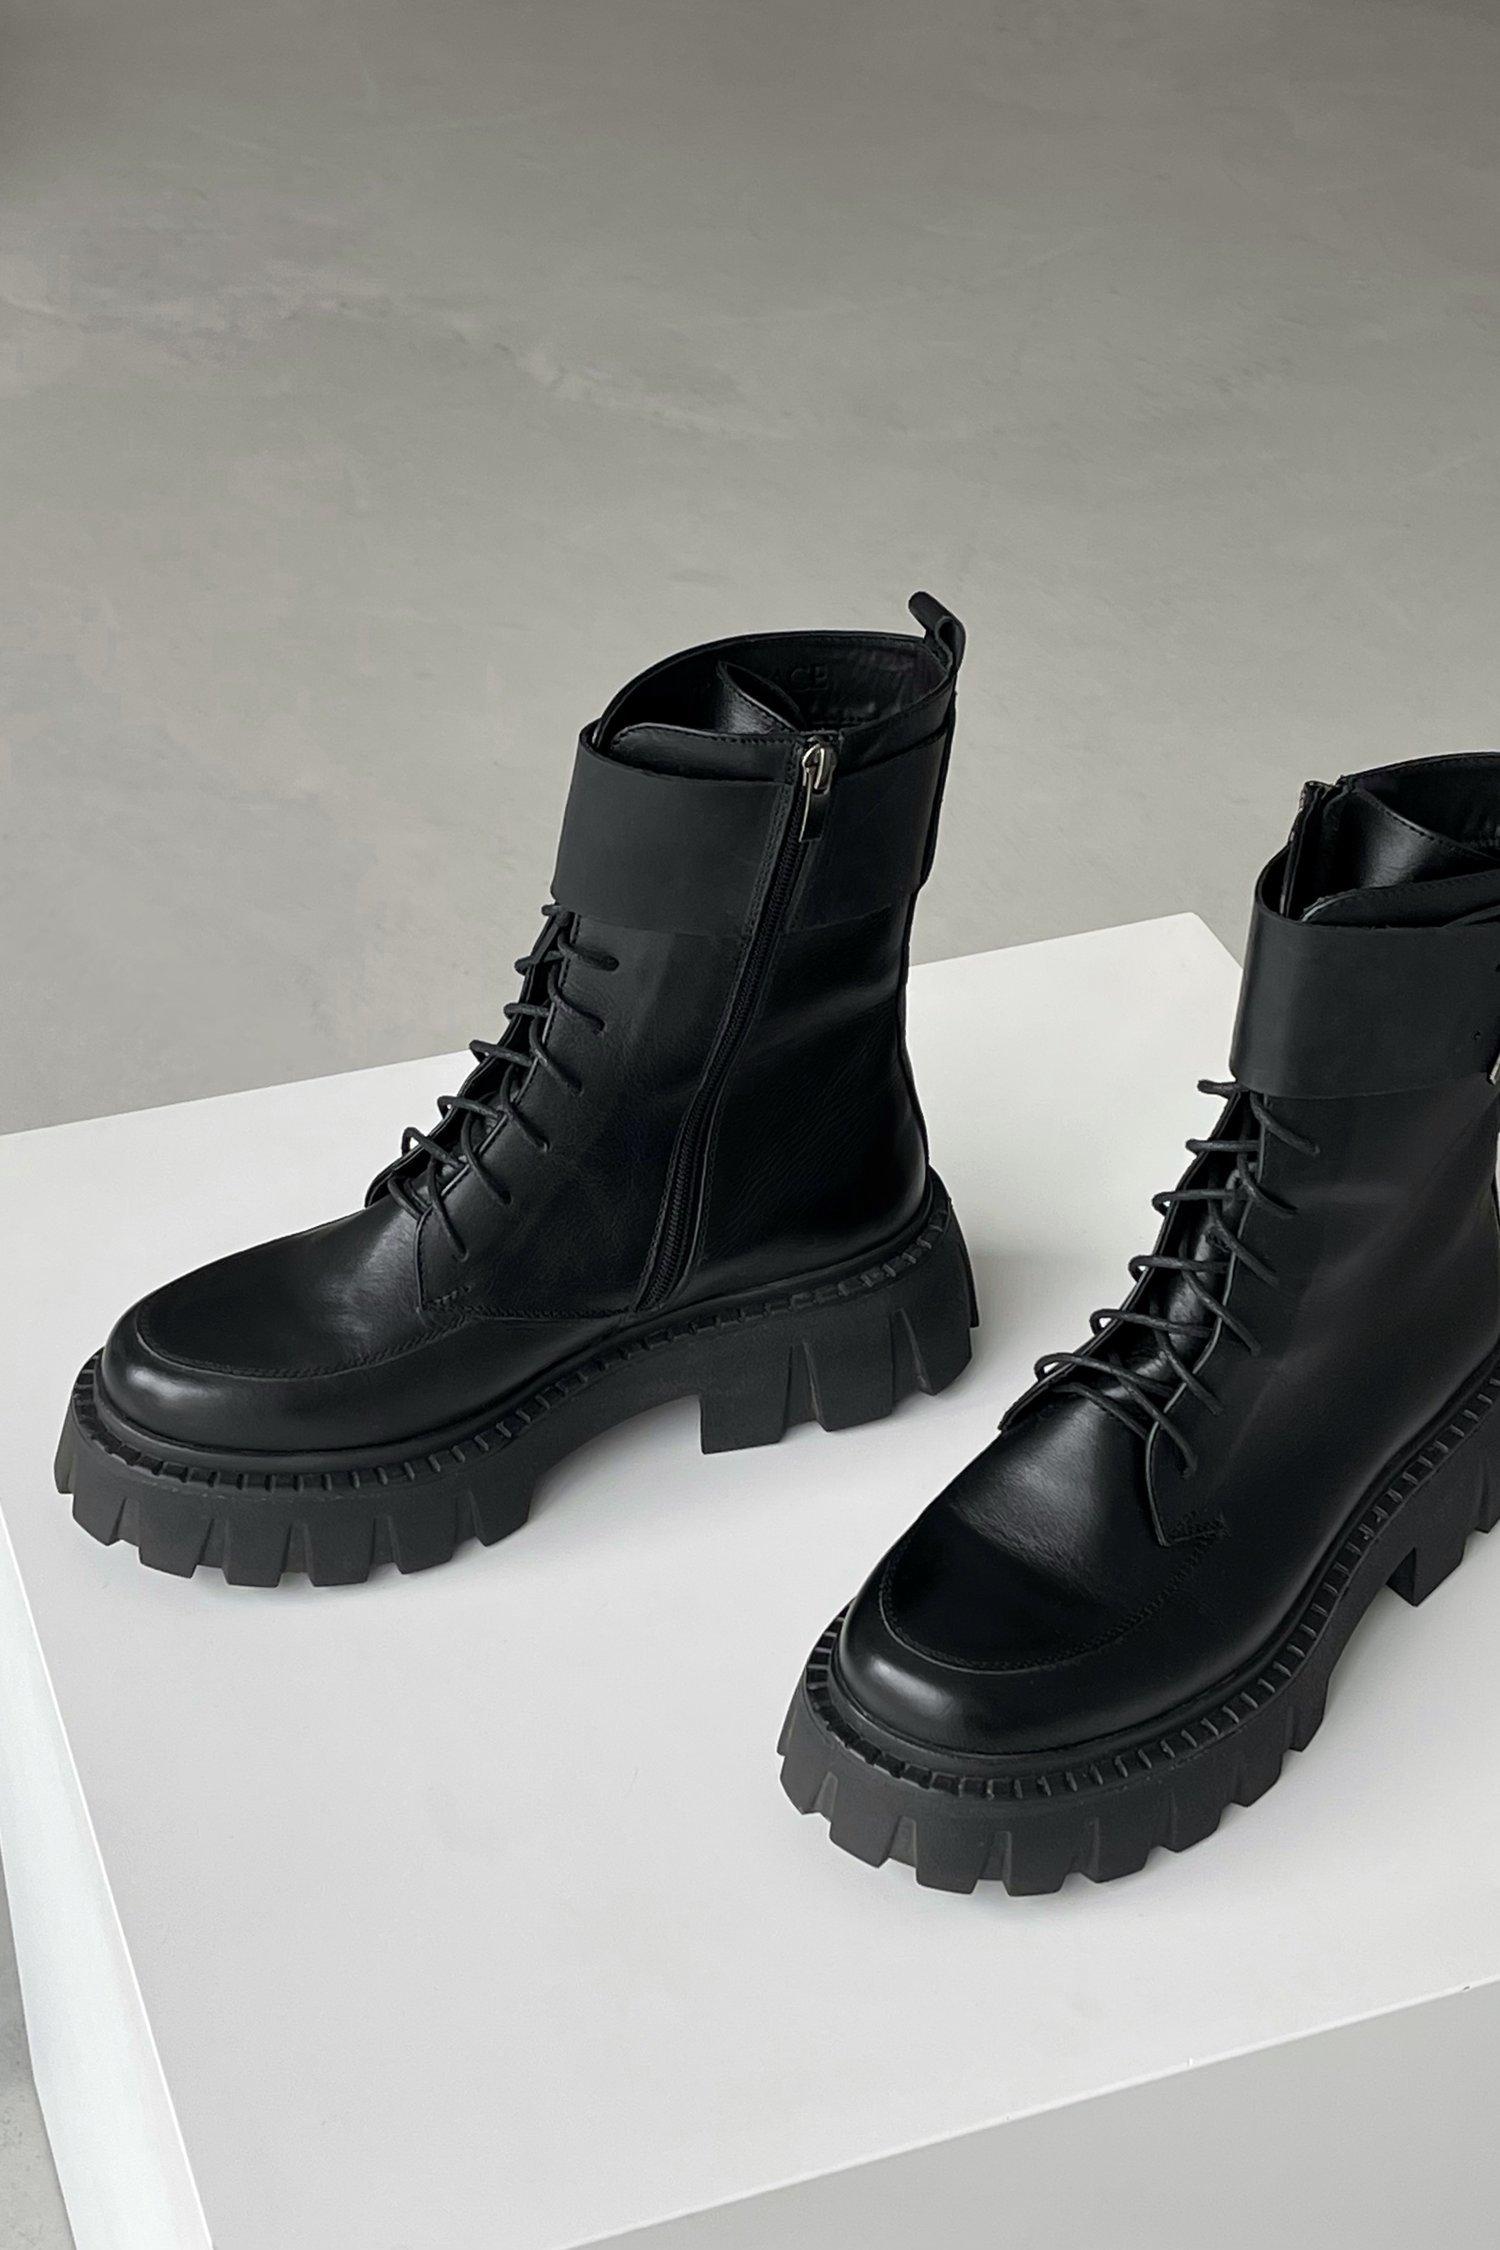 Ботинки на массивной подошве черные - THE LACE